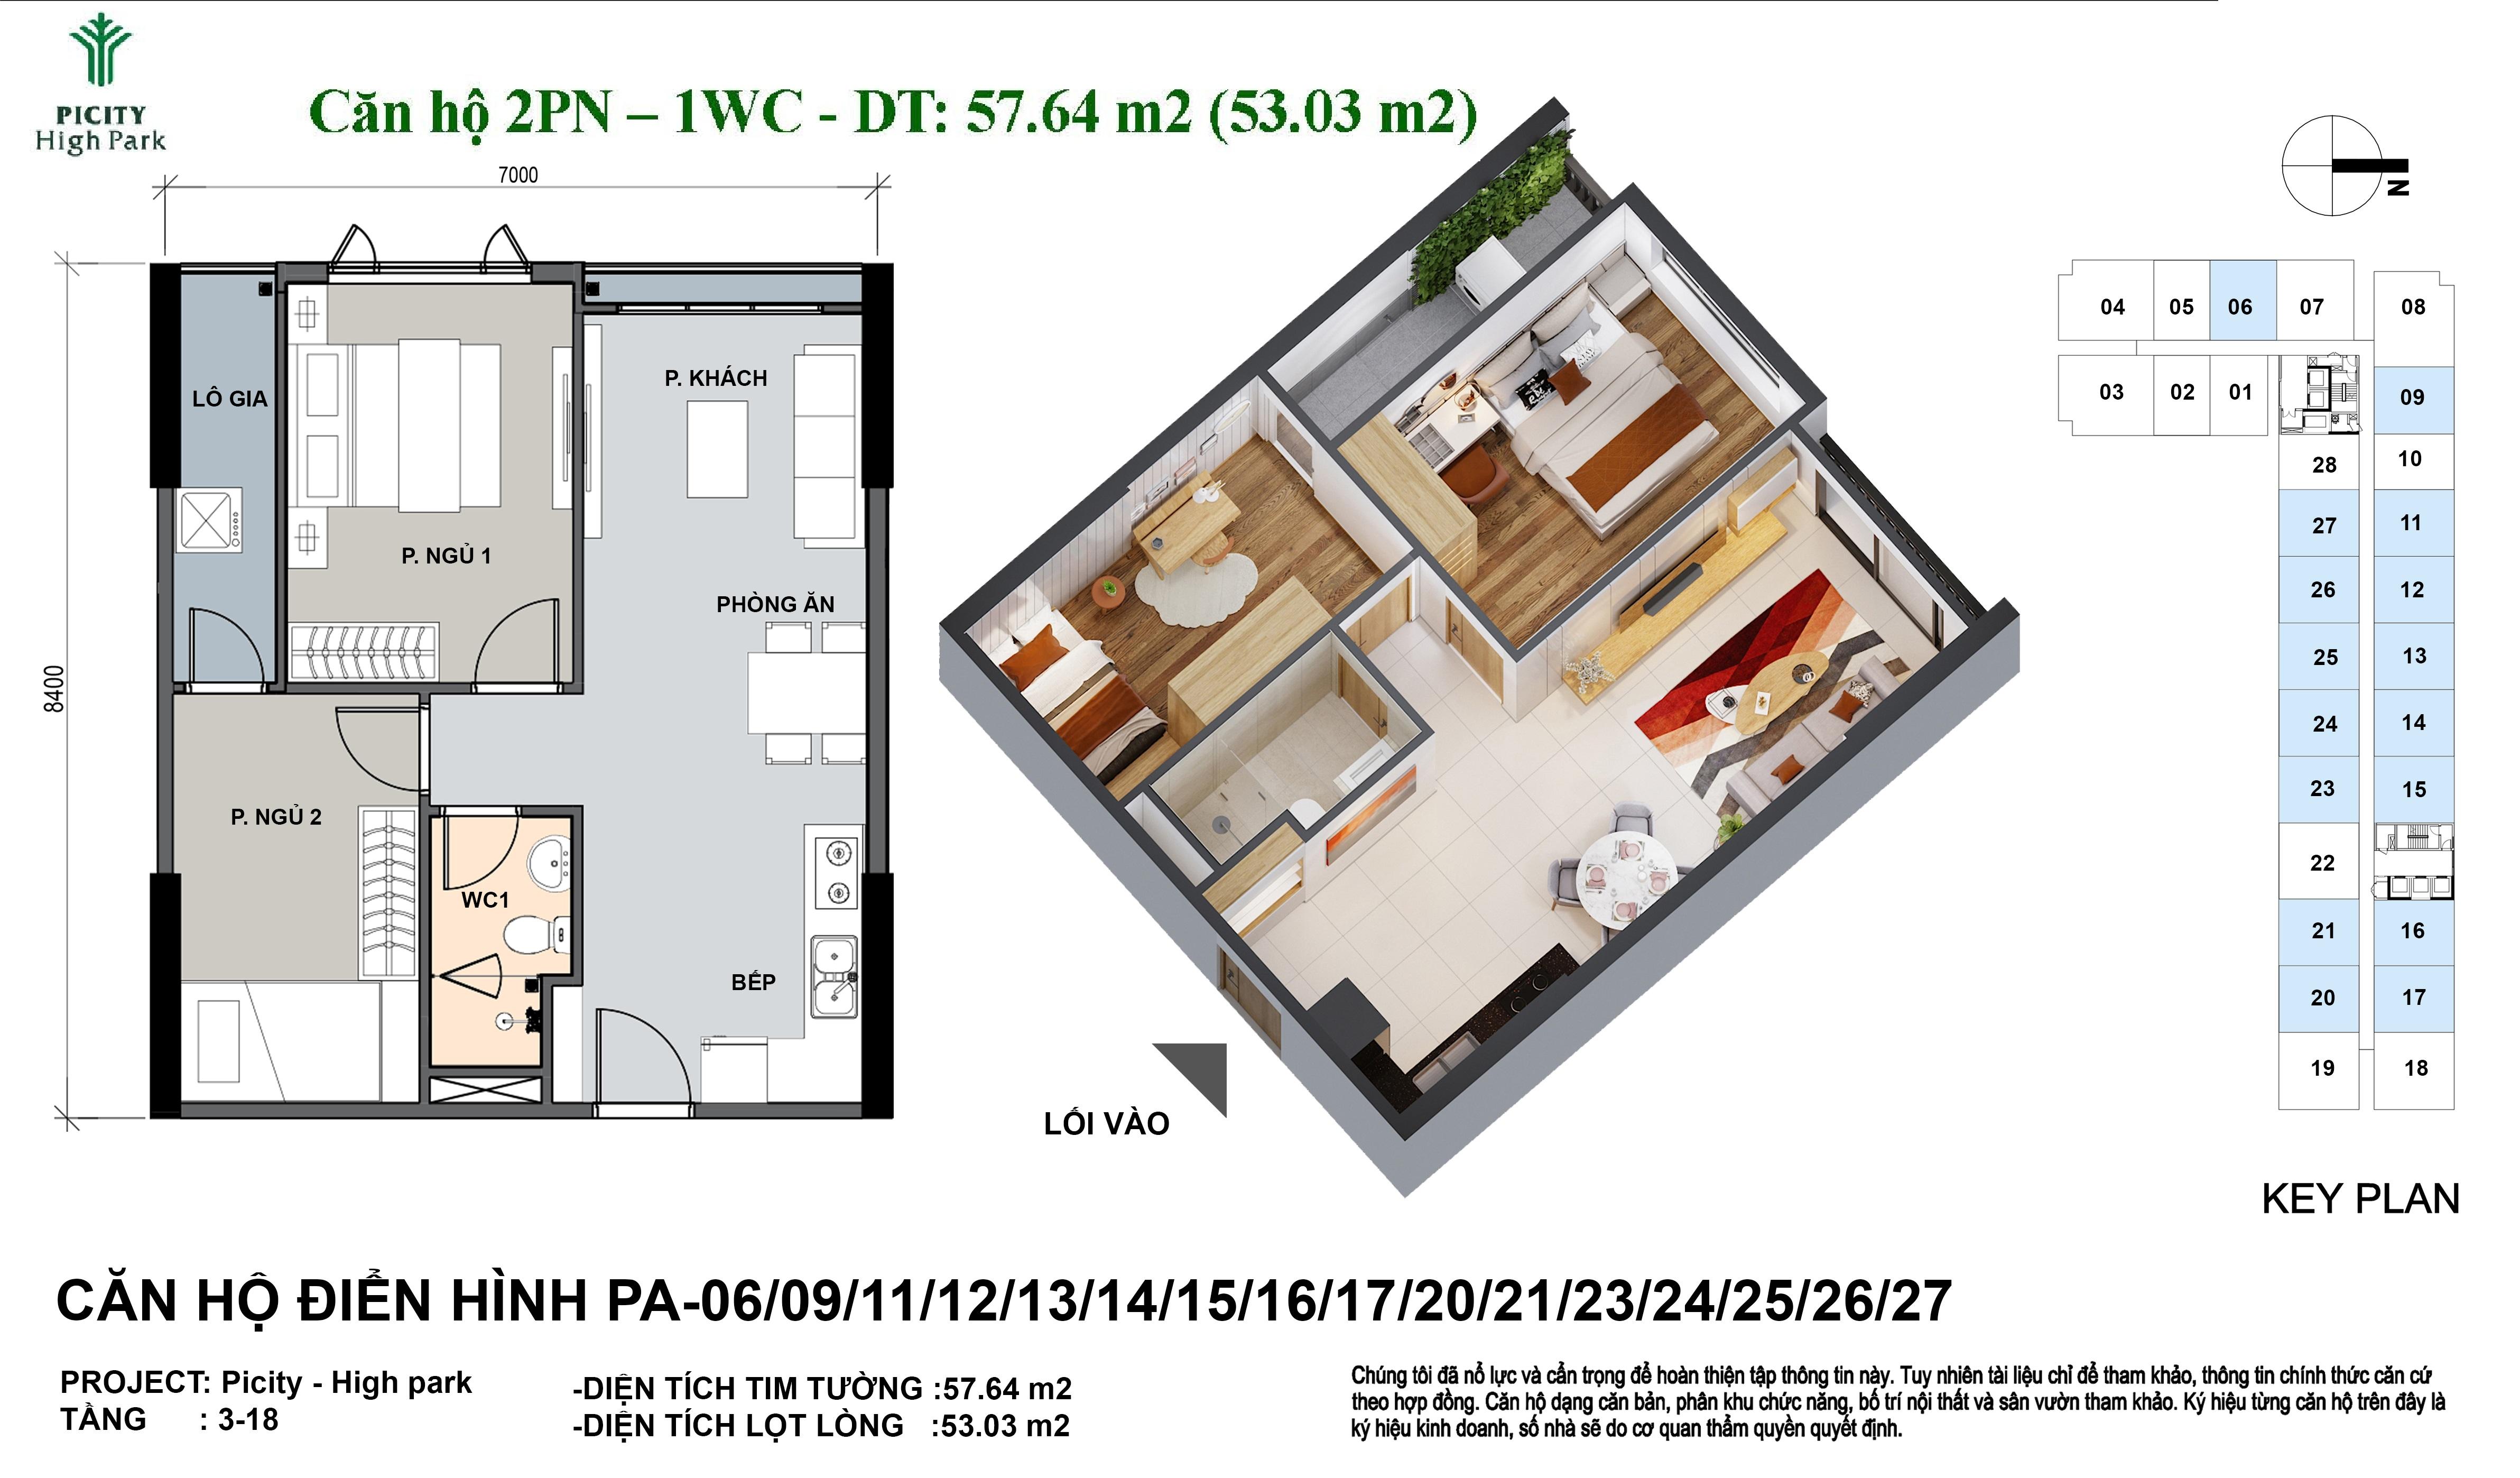 Mặt bằng căn hộ 2 phòng ngủ 1WC